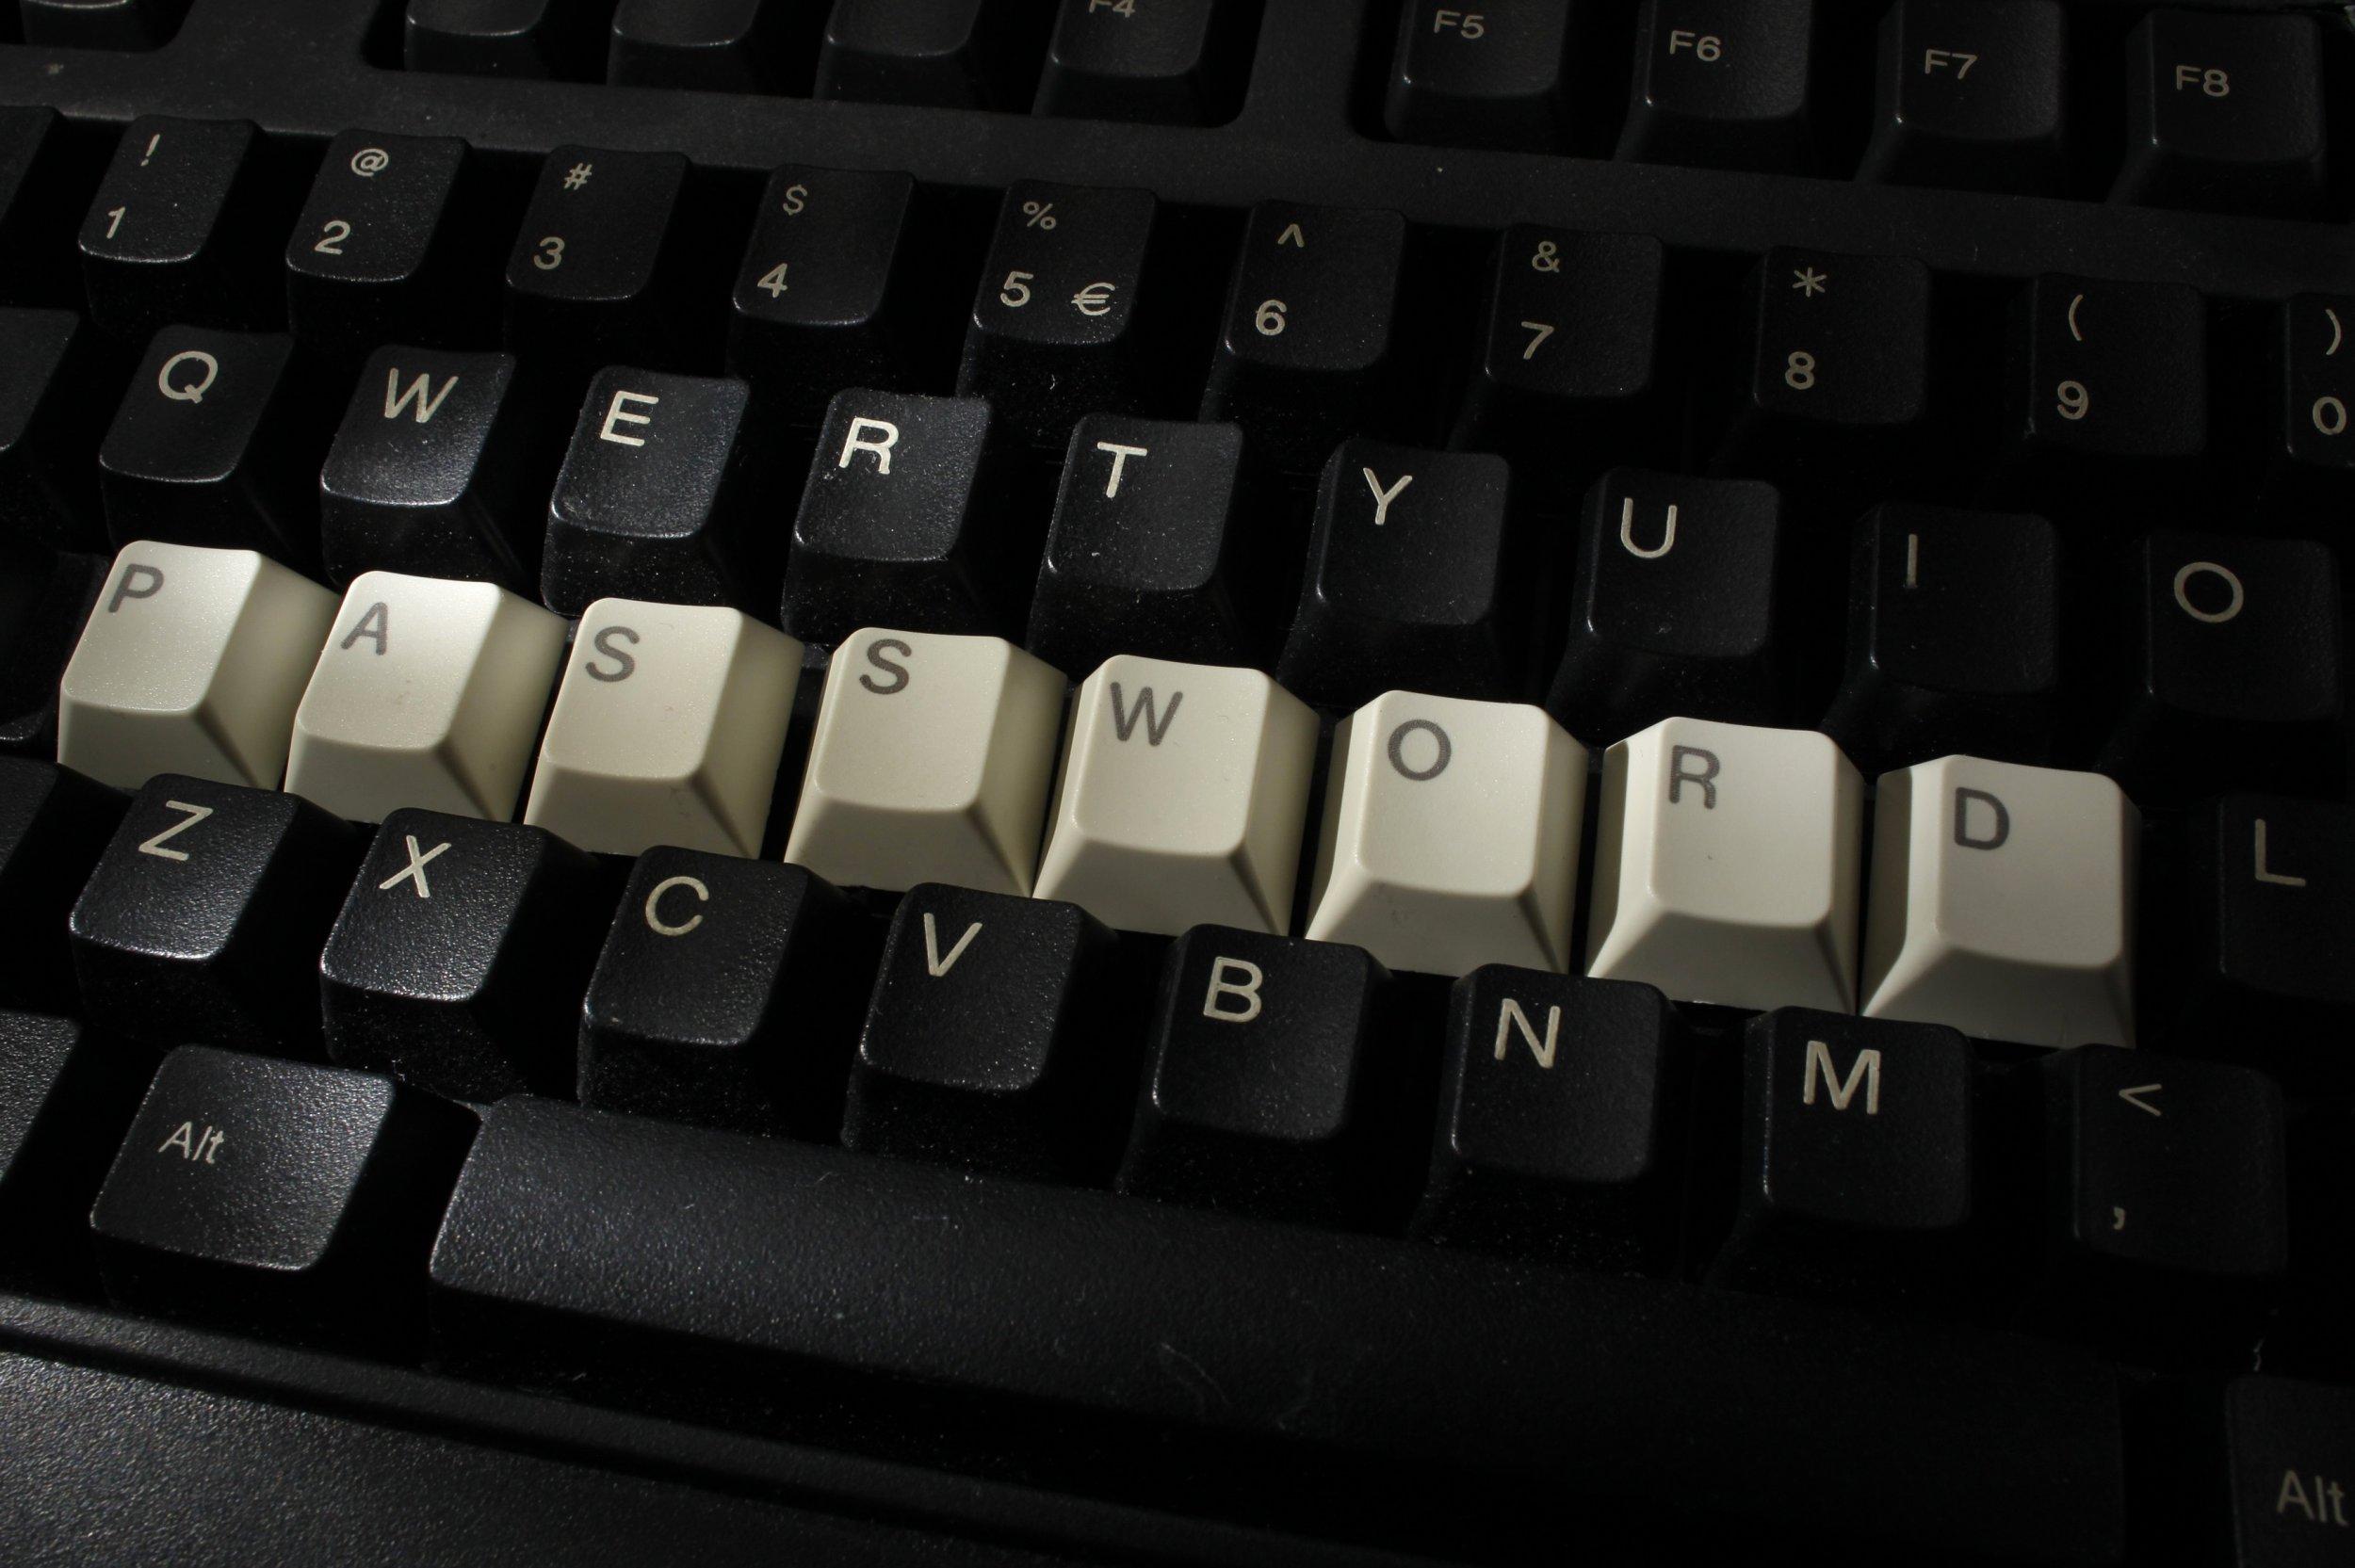 dark web youporn hacked database